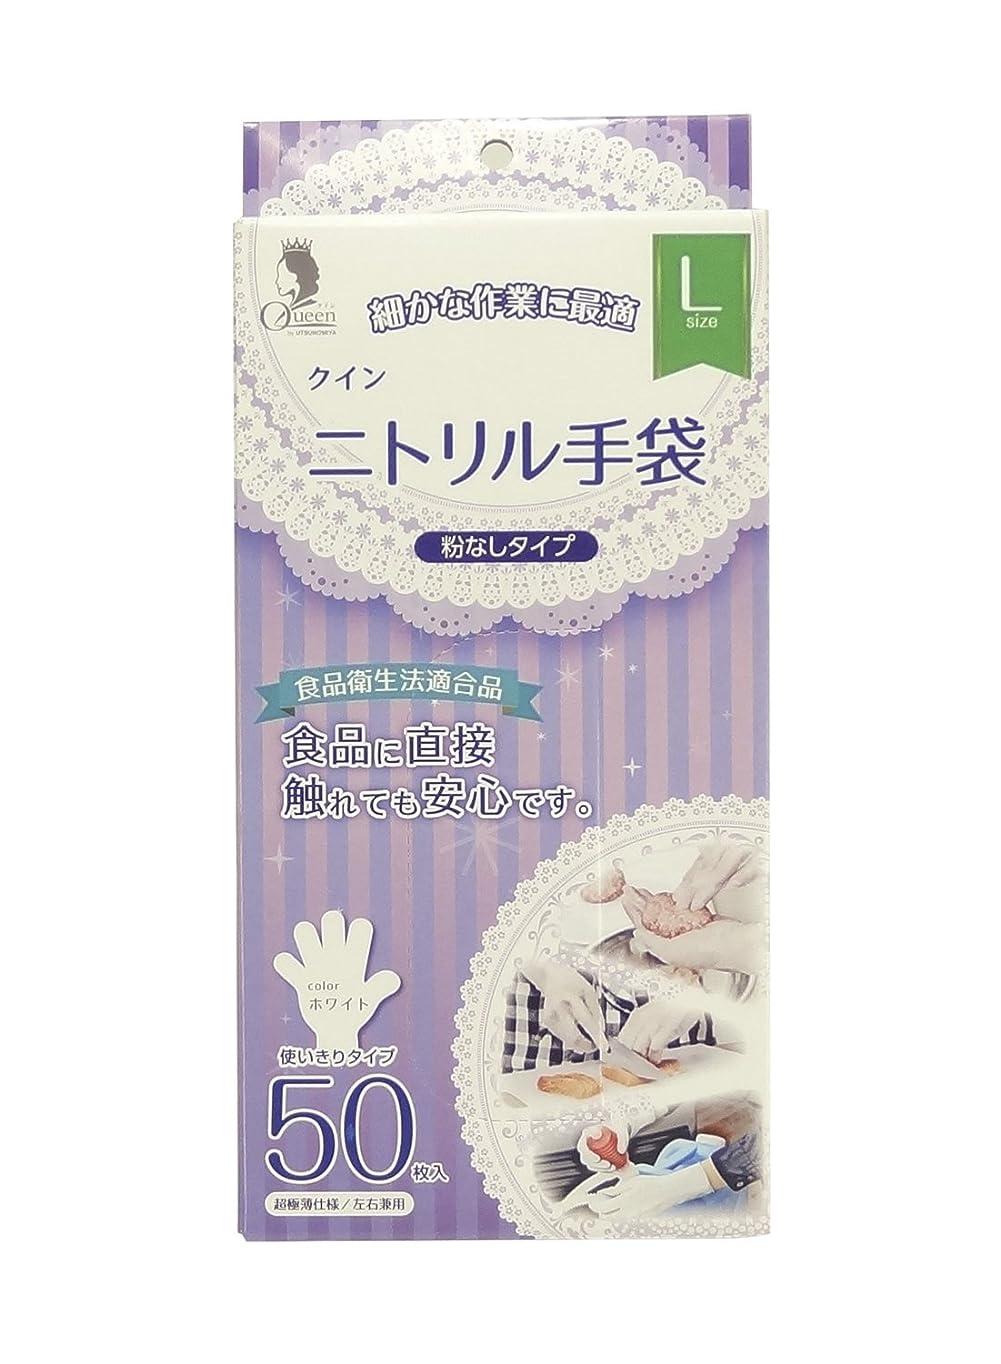 偽装する誇りに思う東方宇都宮製作 クイン ニトリル手袋(パウダーフリー) L 50枚